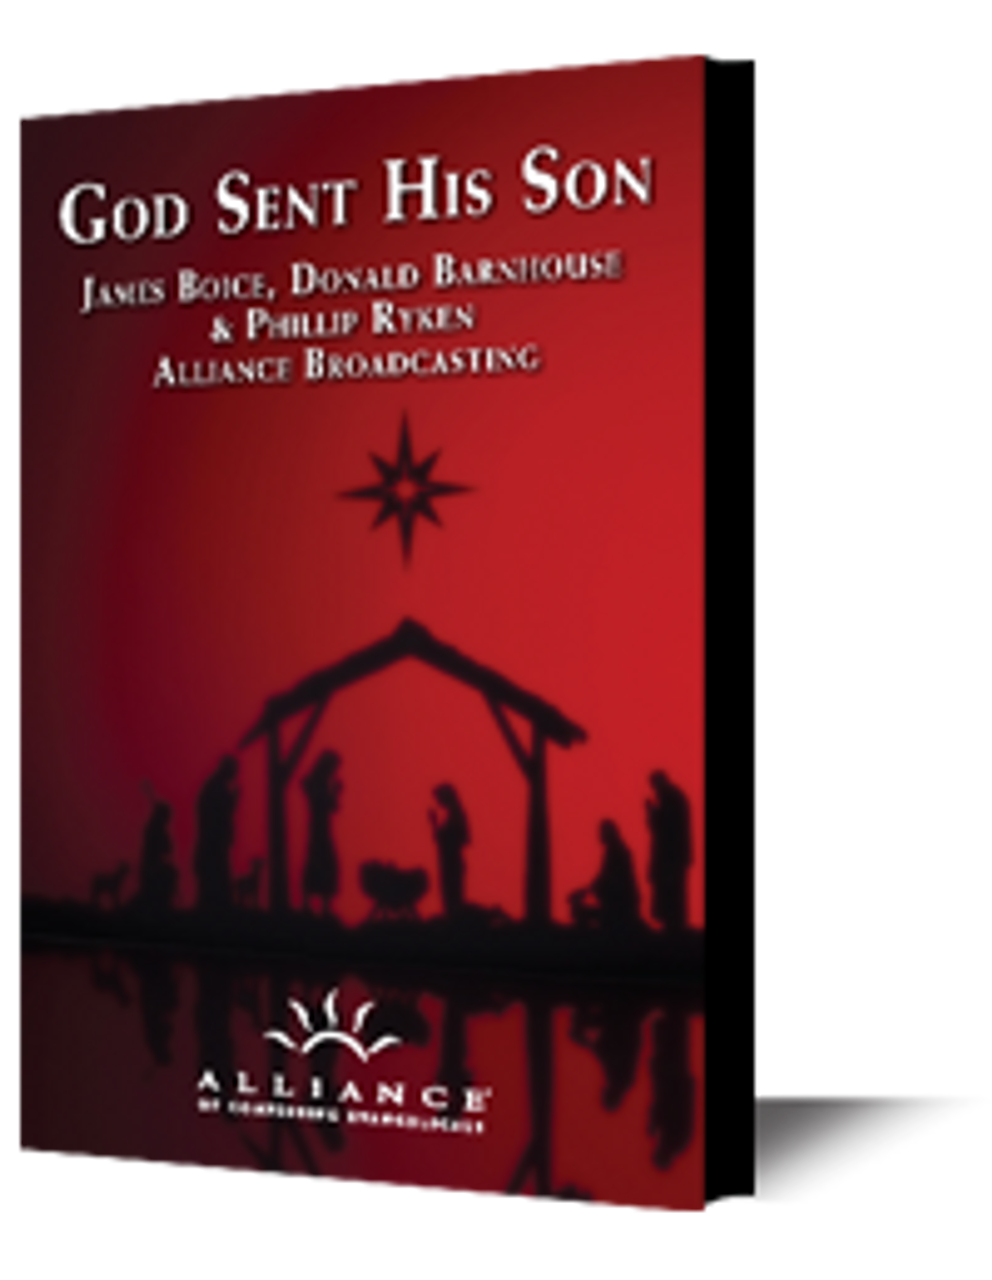 God Sent His Son (CD Set)